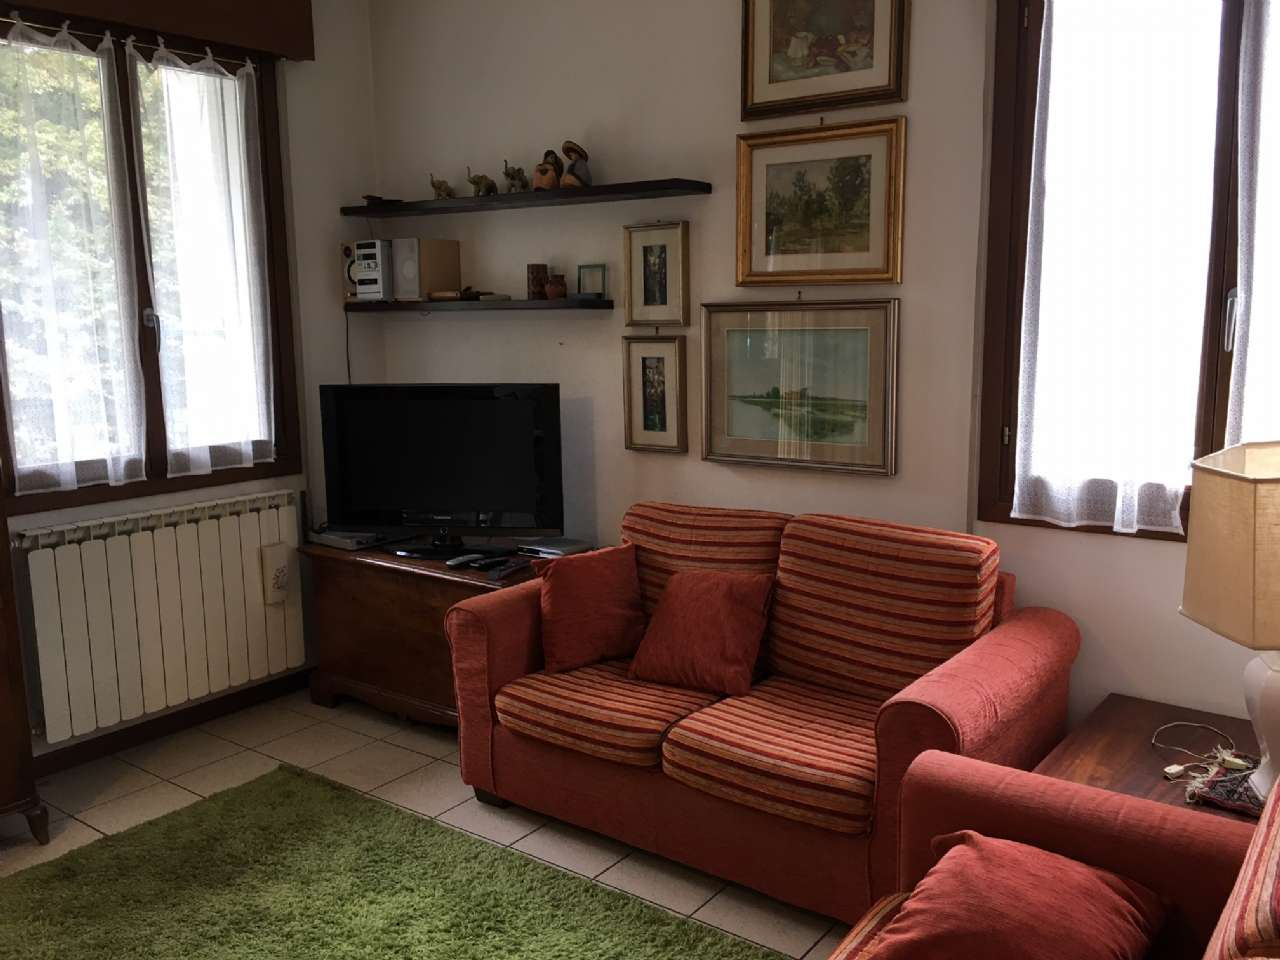 Appartamento in vendita a Mogliano Veneto, 4 locali, prezzo € 115.000 | CambioCasa.it